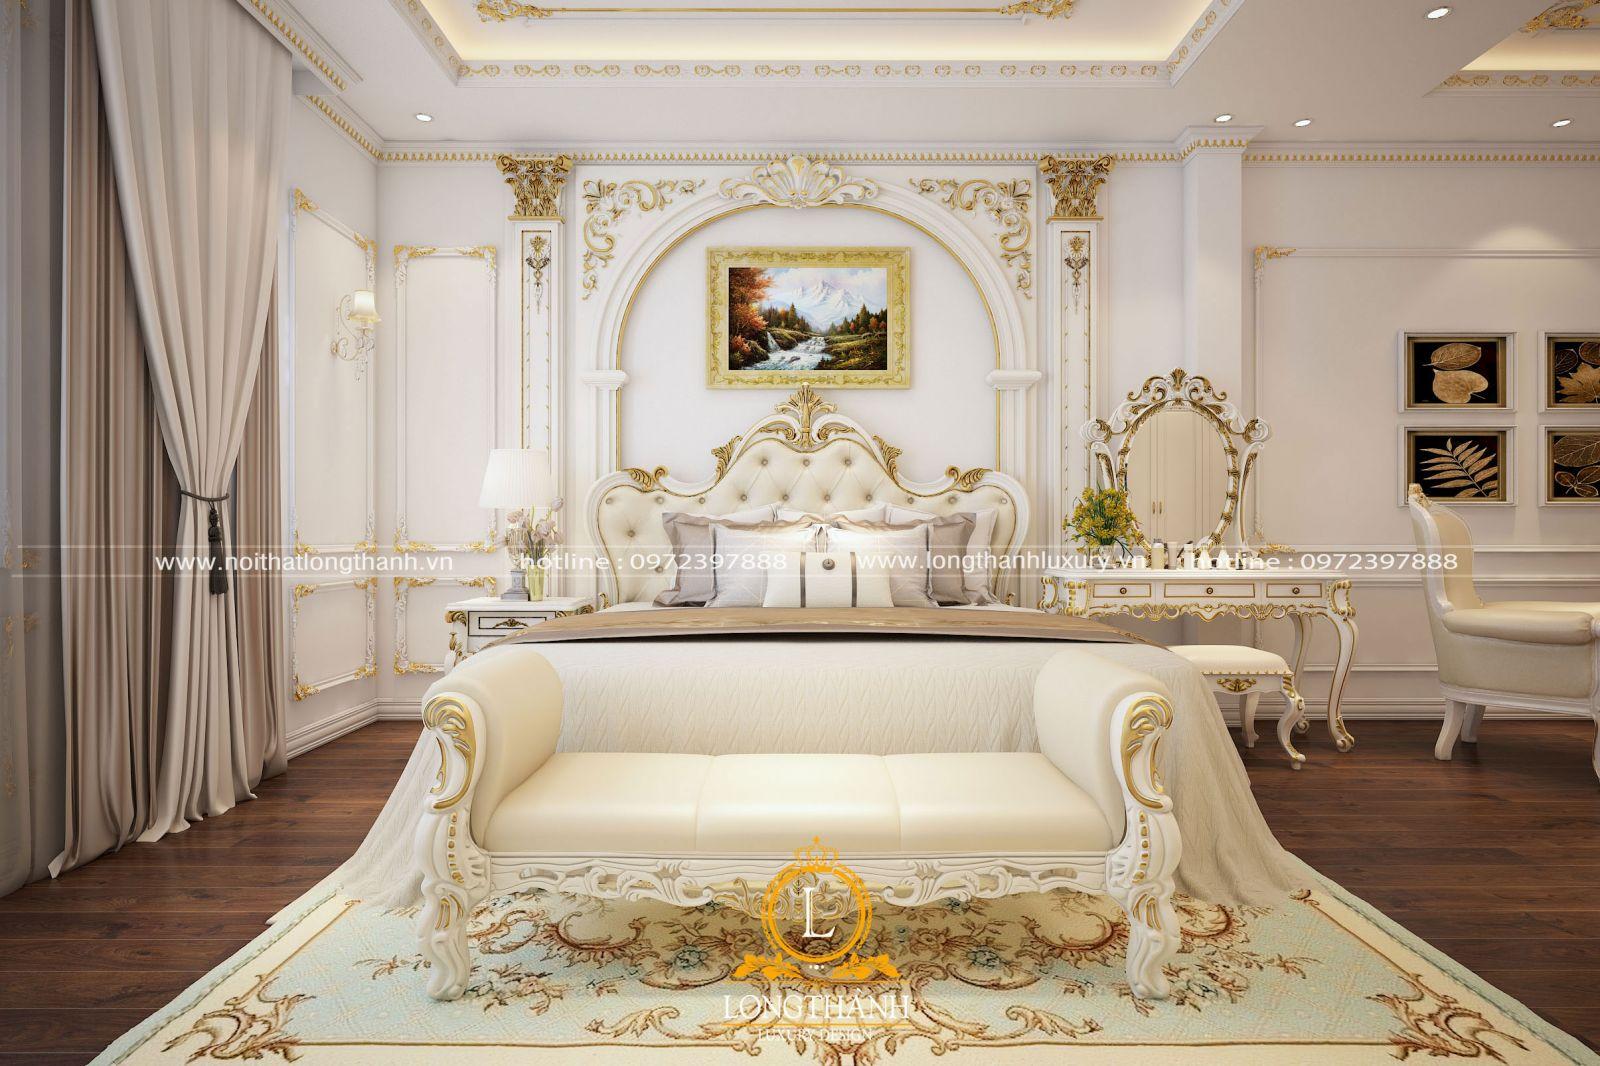 Phòng ngủ cao cấp với gam màu trắng sữa vô cùng tinh tế